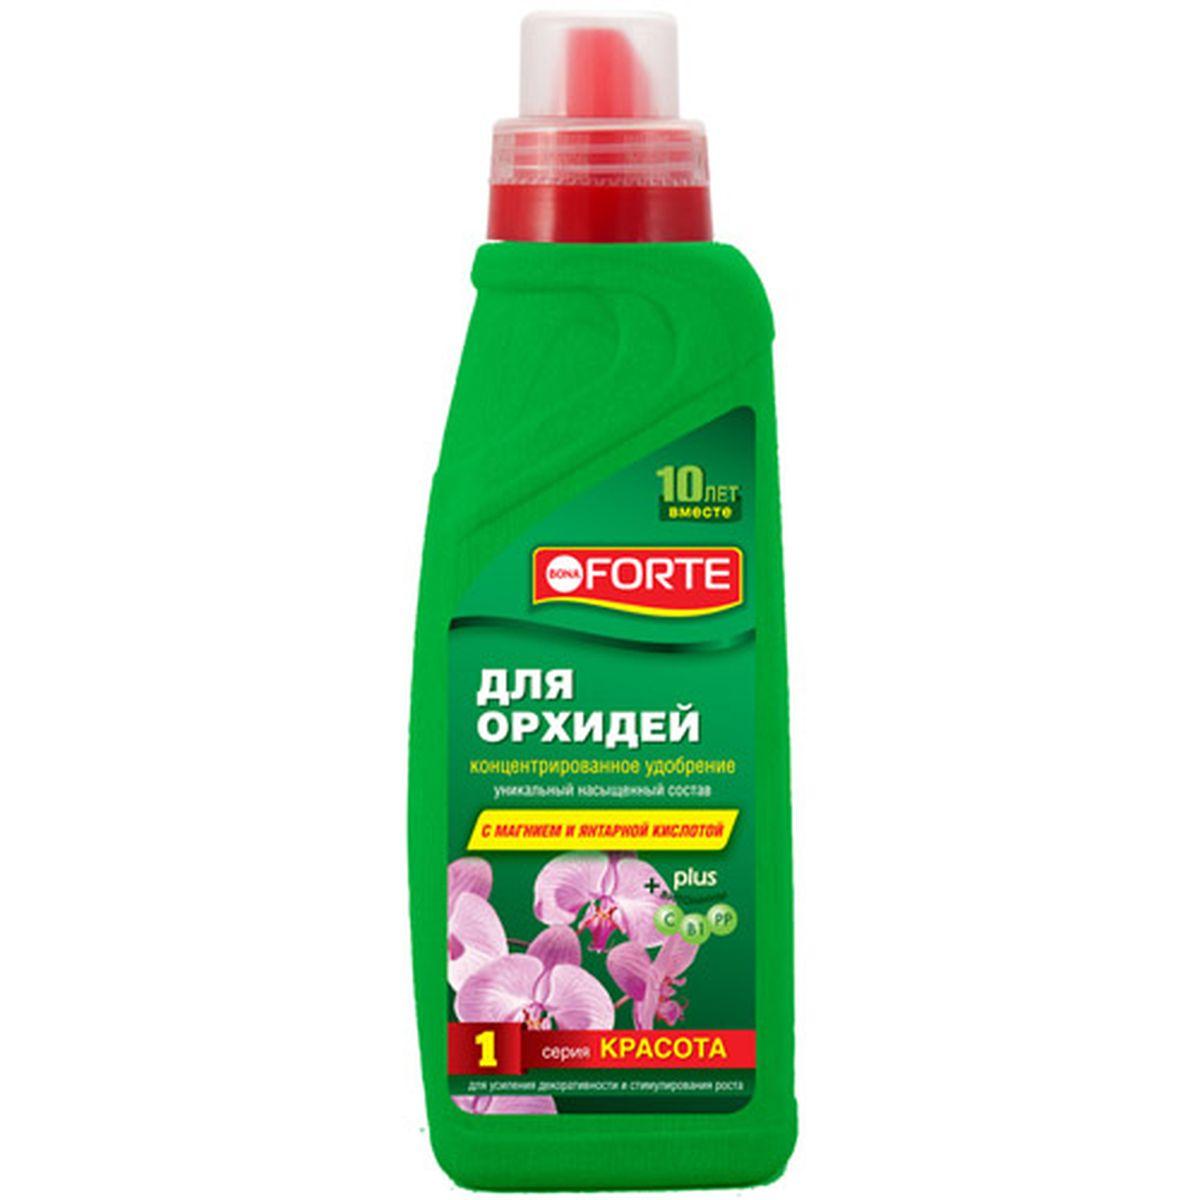 Жидкое комплексное удобрение Bona Forte, для орхидей, 750 мл790009Стимулирует повторное цветение орхидей, обеспечивает отличный рост, а также прекрасный здоровый вид ваших любимых цветов.